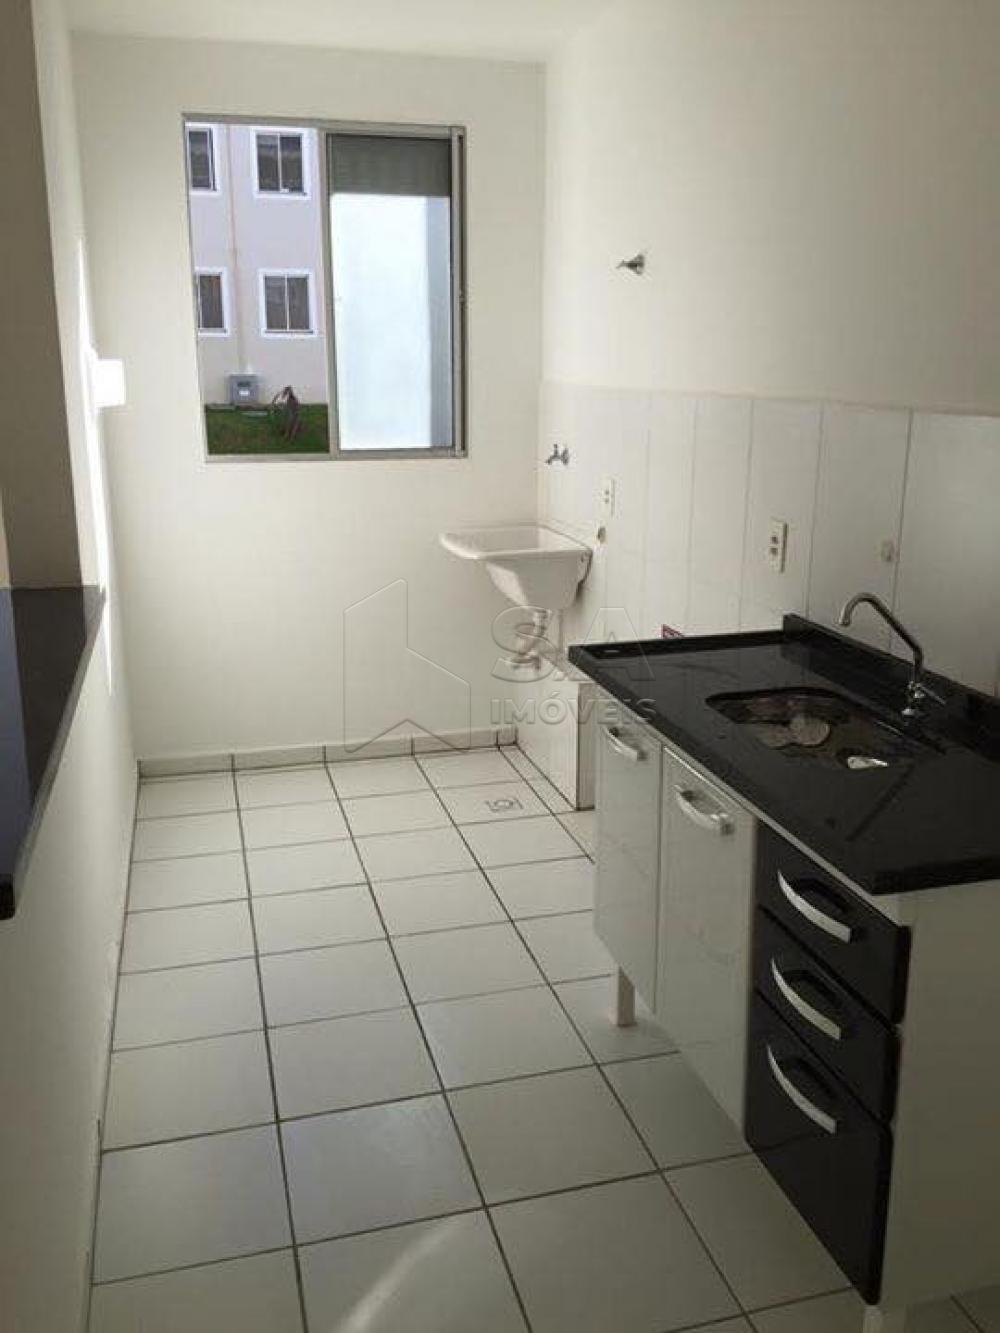 Comprar Apartamento / Padrão em Botucatu R$ 110.000,00 - Foto 4